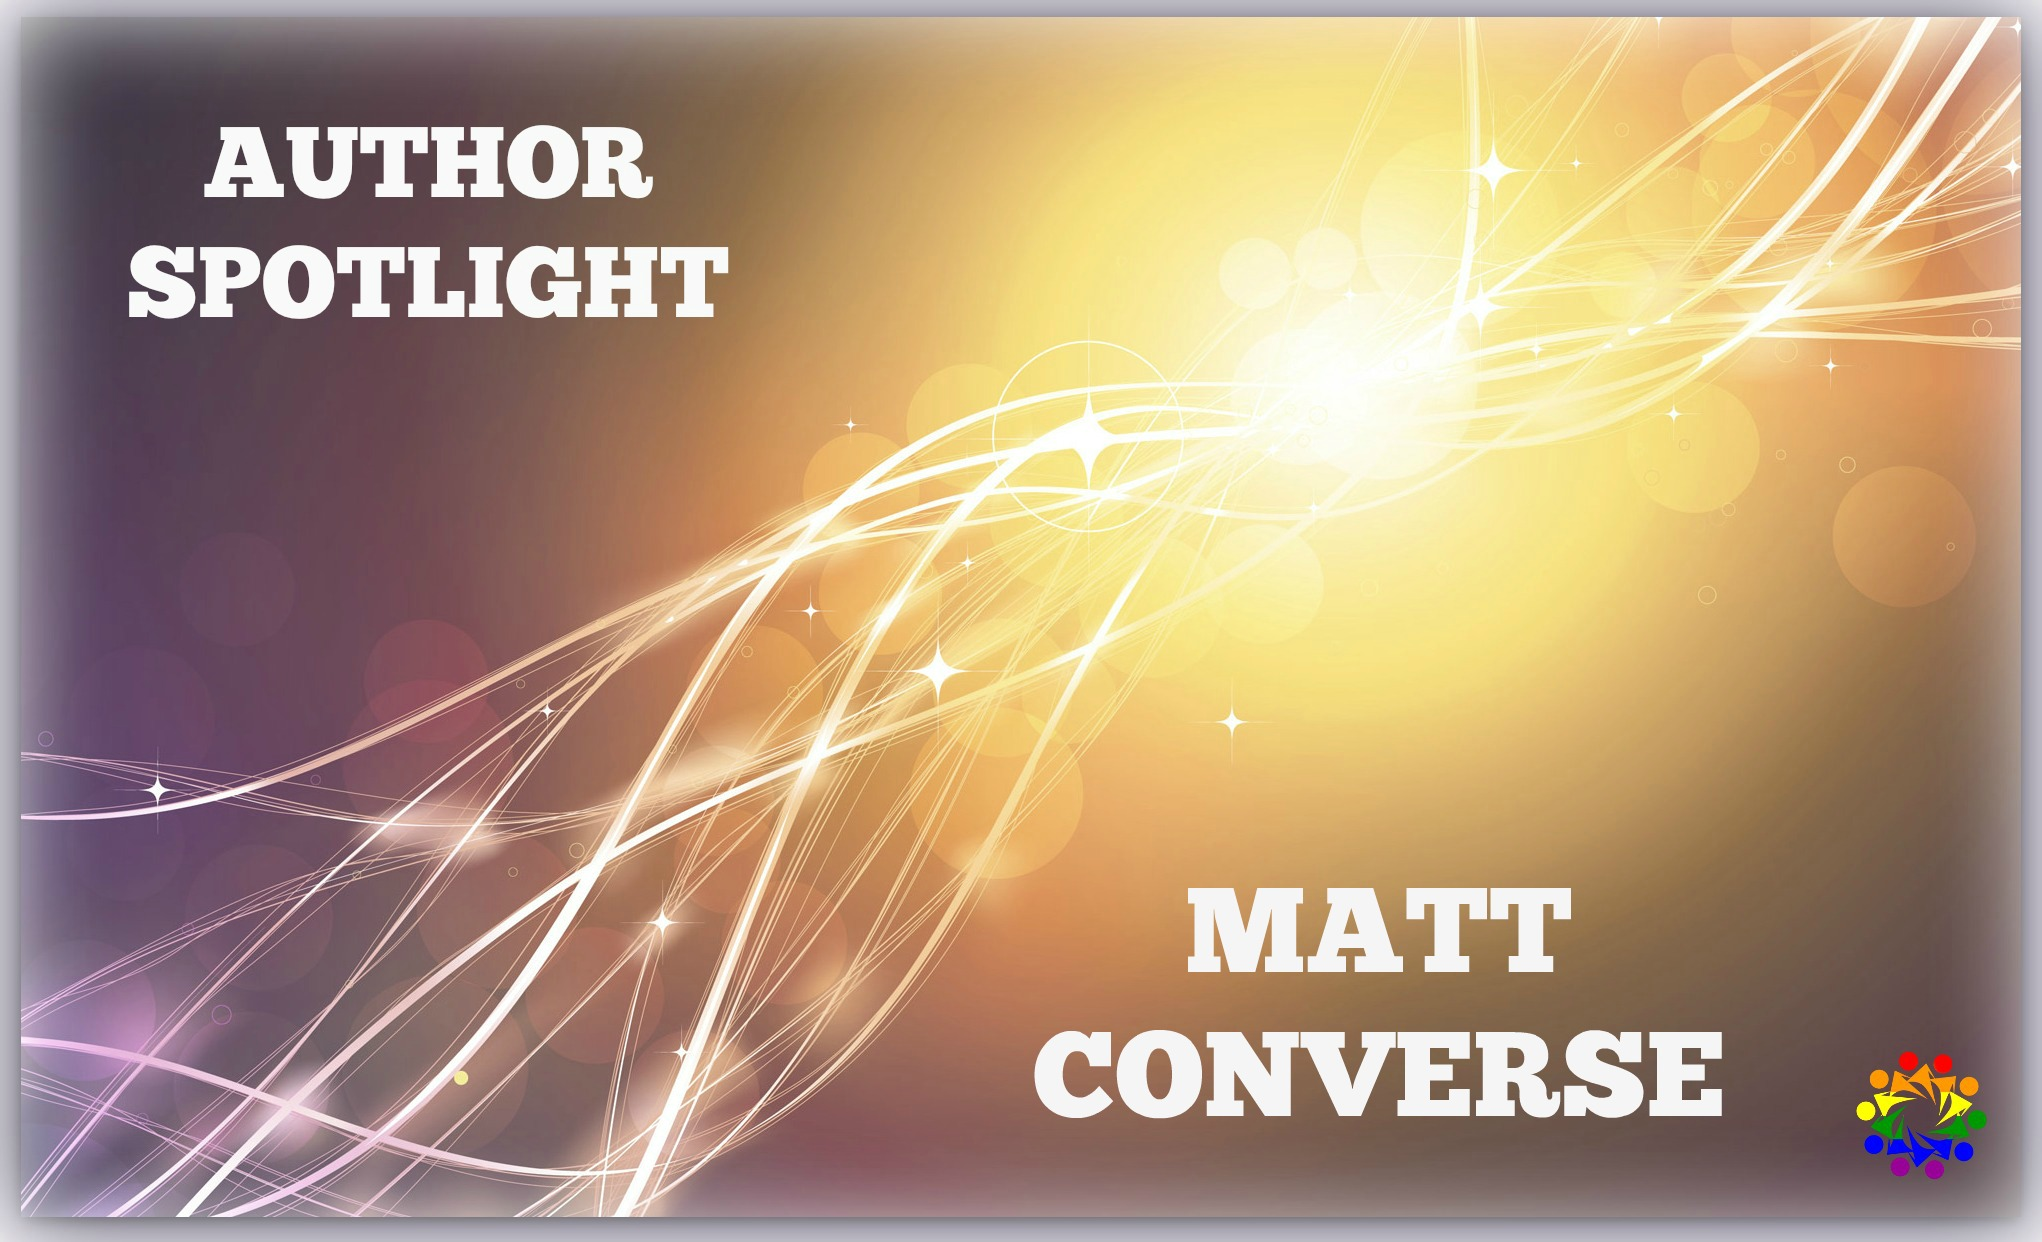 2matt converse